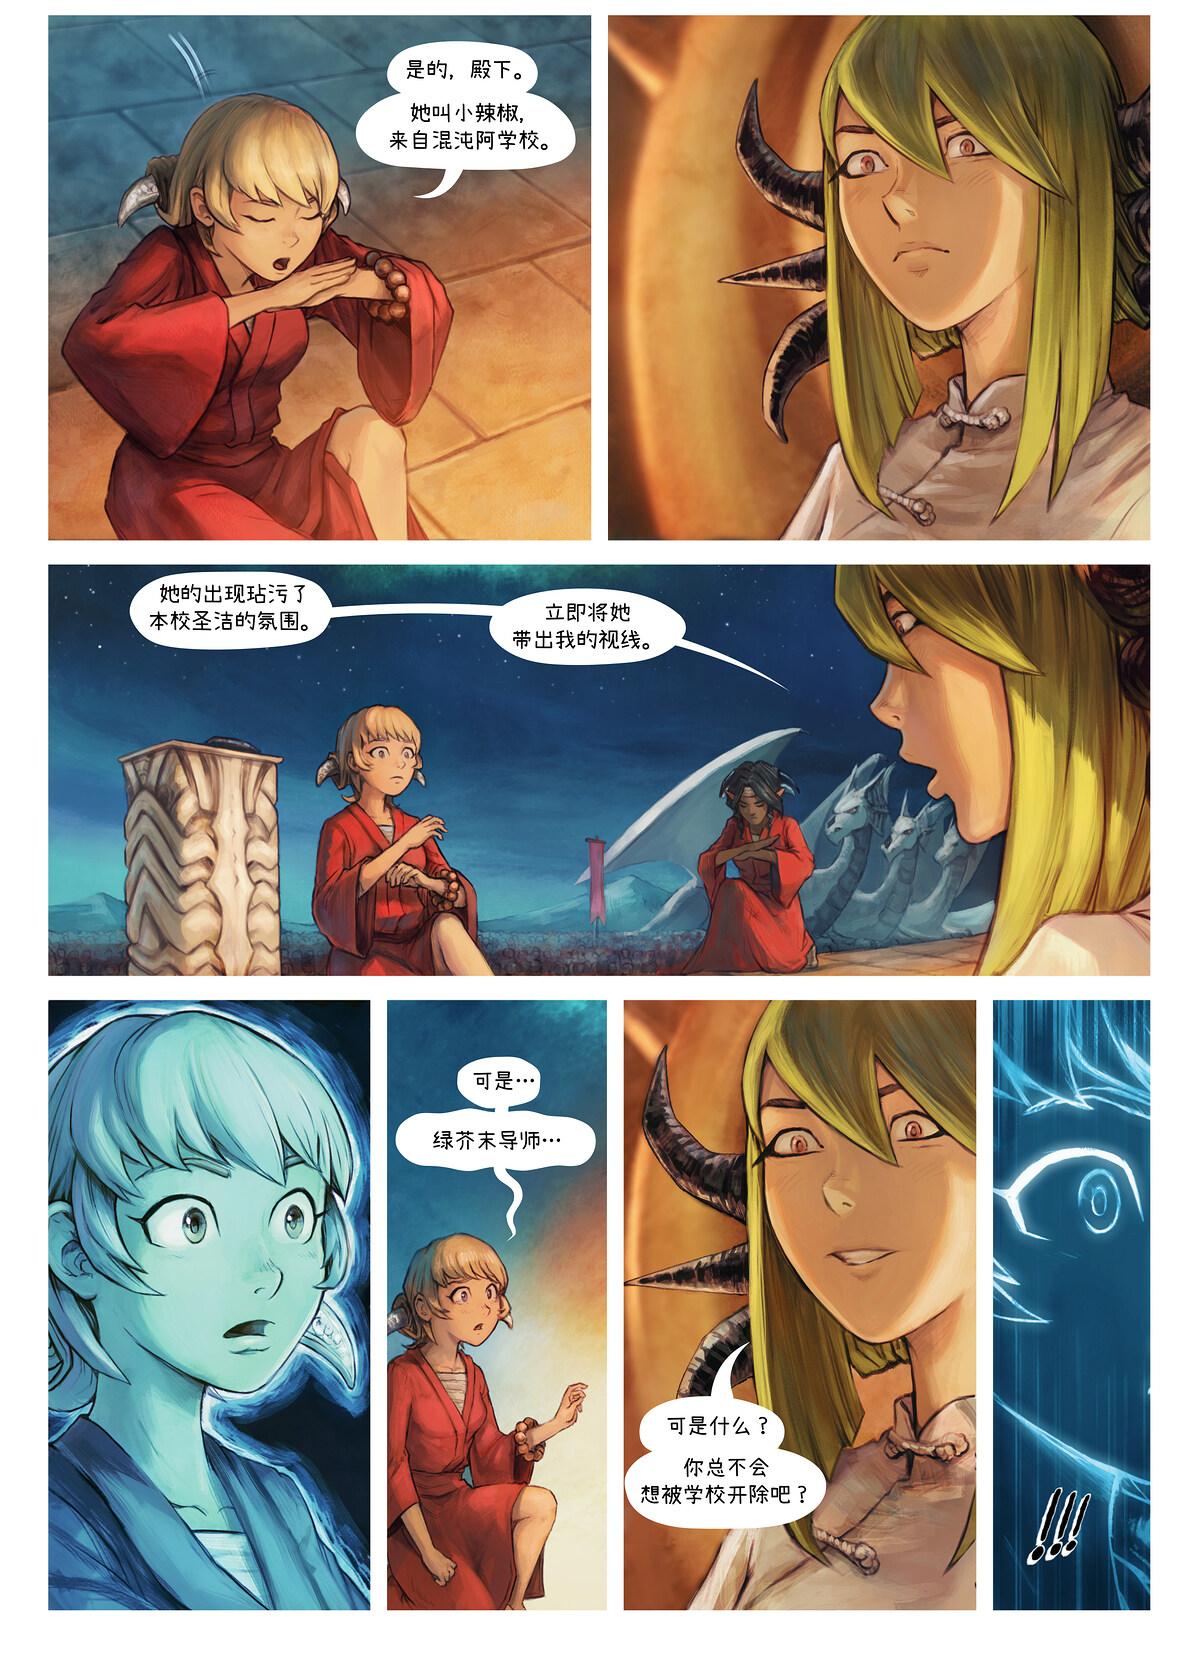 第34集:七味粉的册封仪式, Page 4